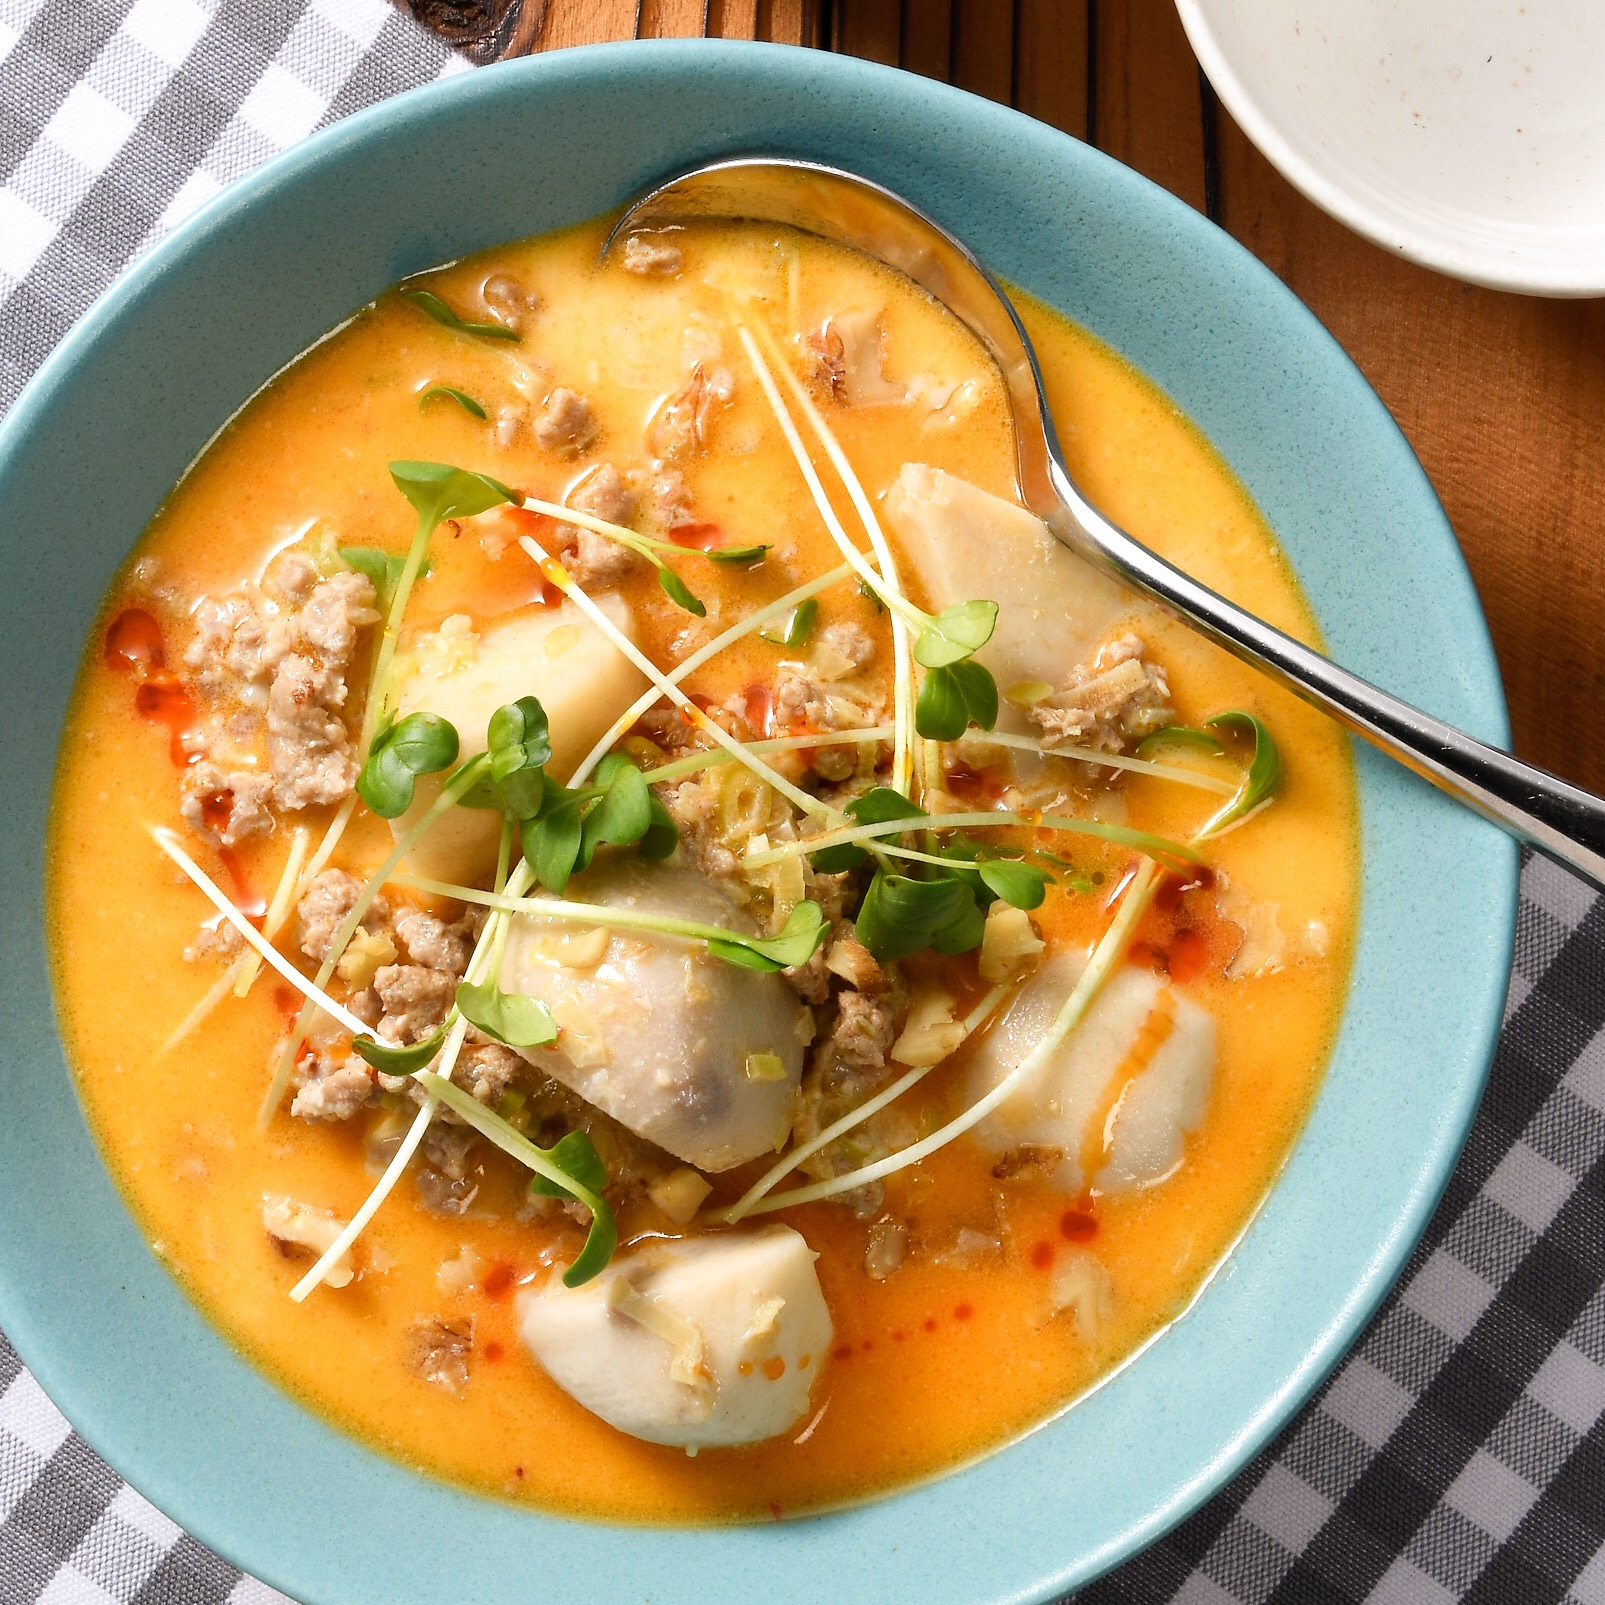 里芋と豚ひき肉の濃厚ごま味噌スープ